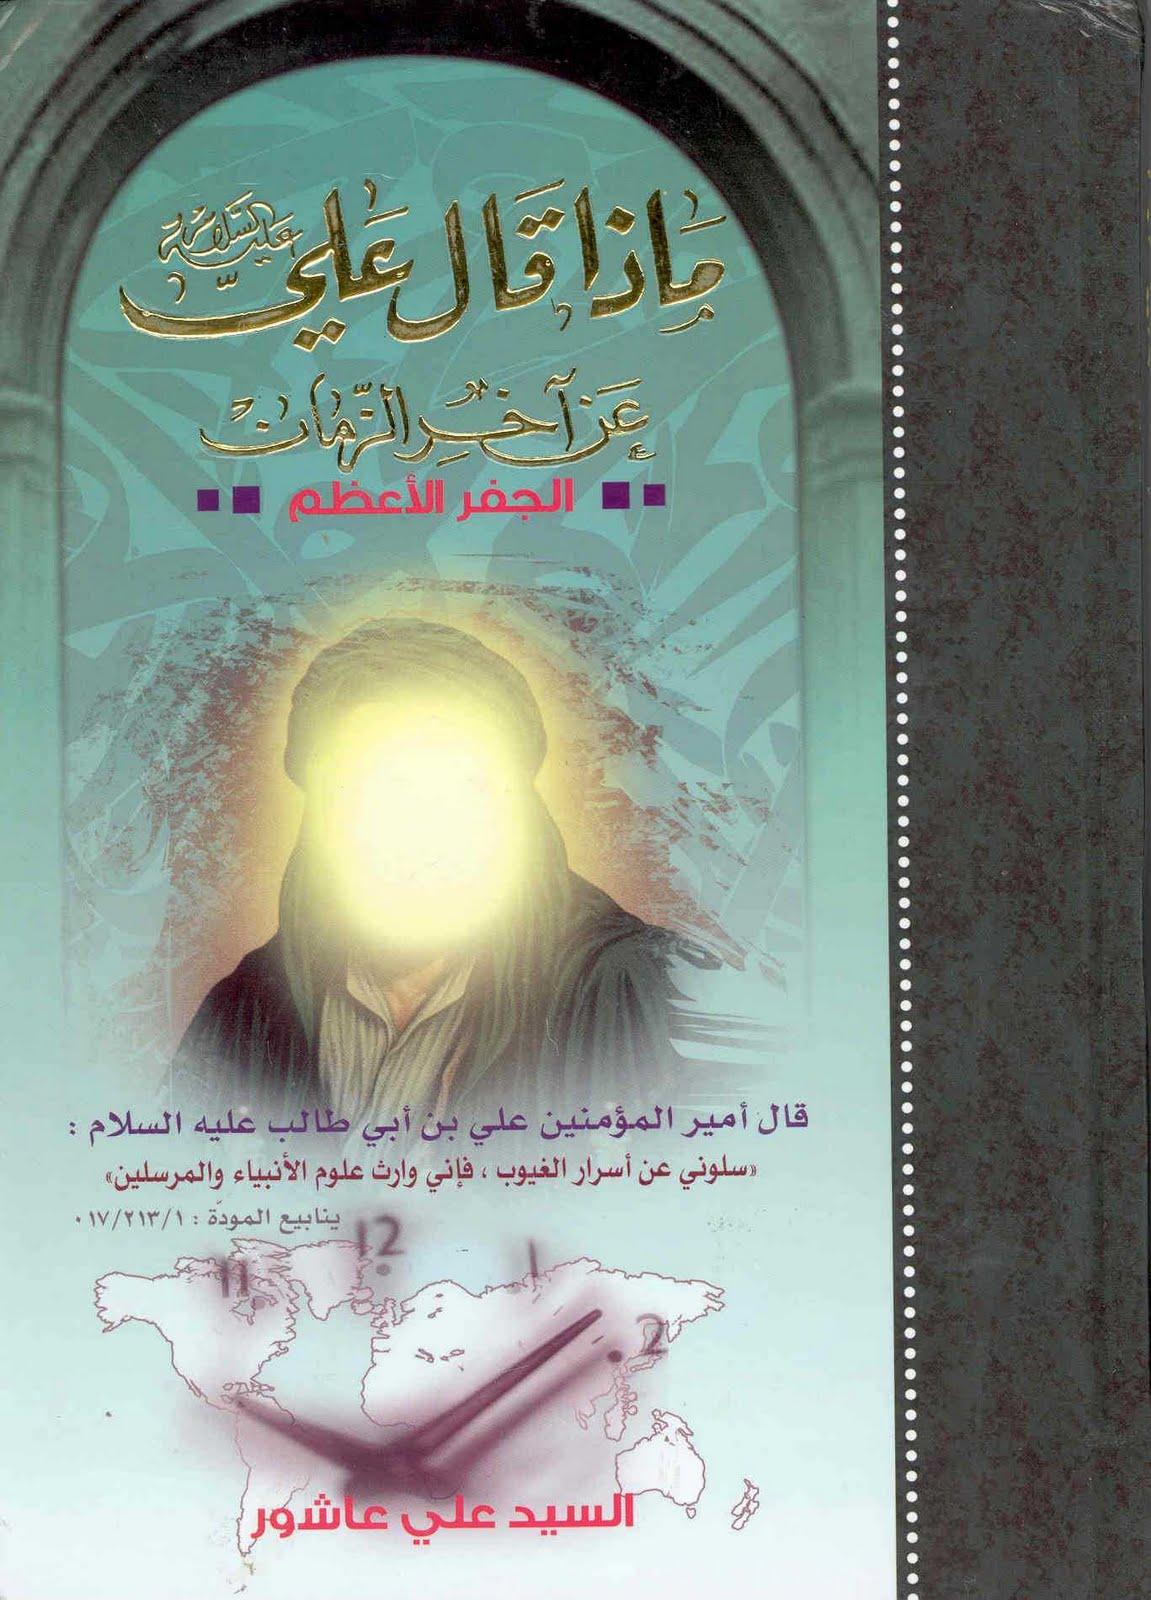 كتاب اخر الزمان الامام علي pdf